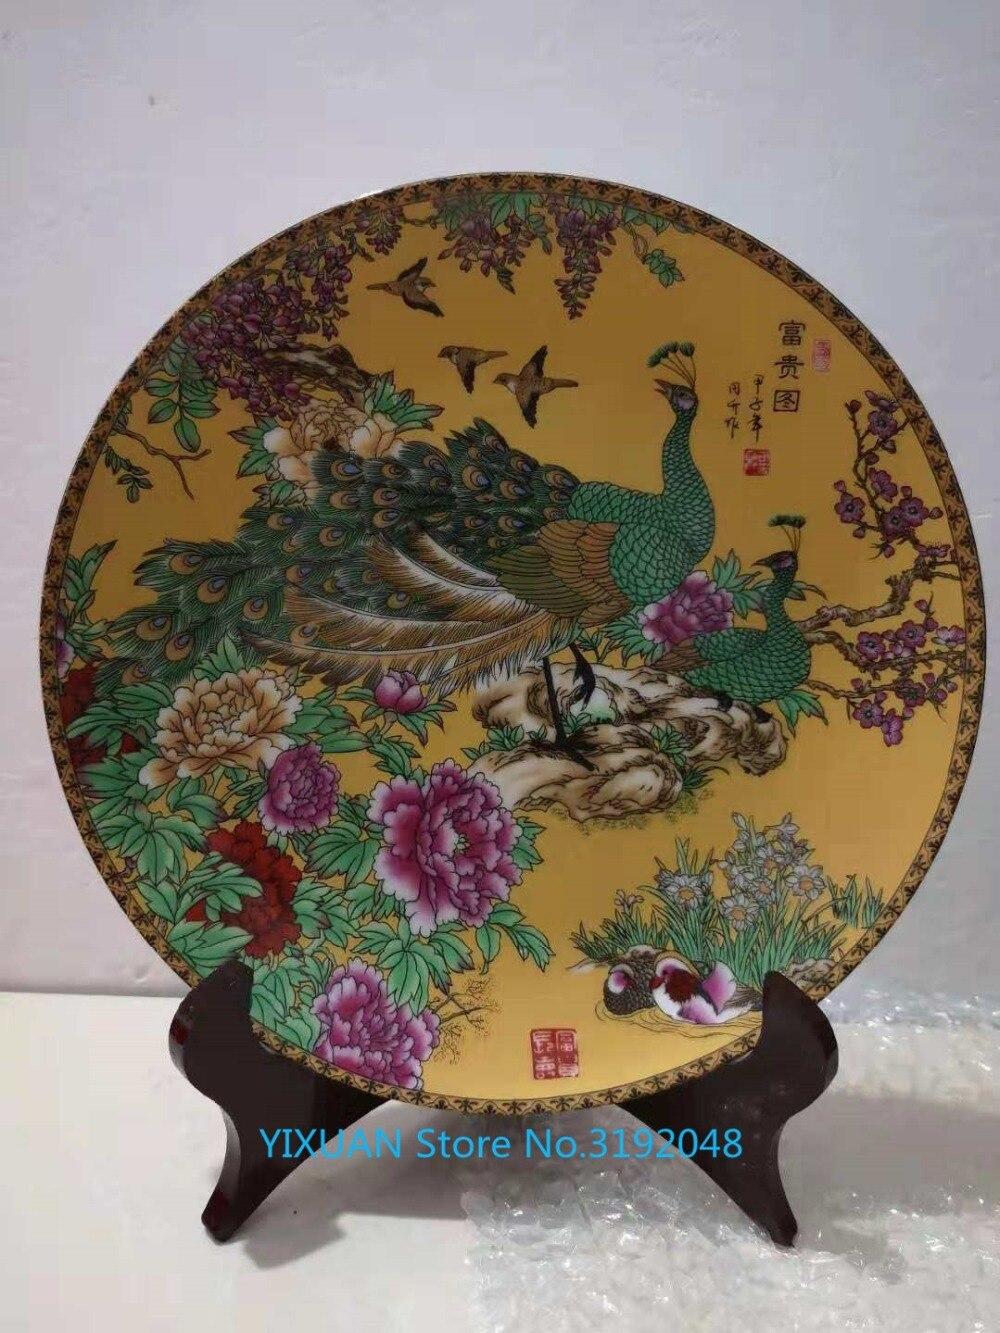 Nuevos productos de porcelana... artesanías... platos... pavos reales y riqueza... platos decorative de adornos y adornos de porcelan